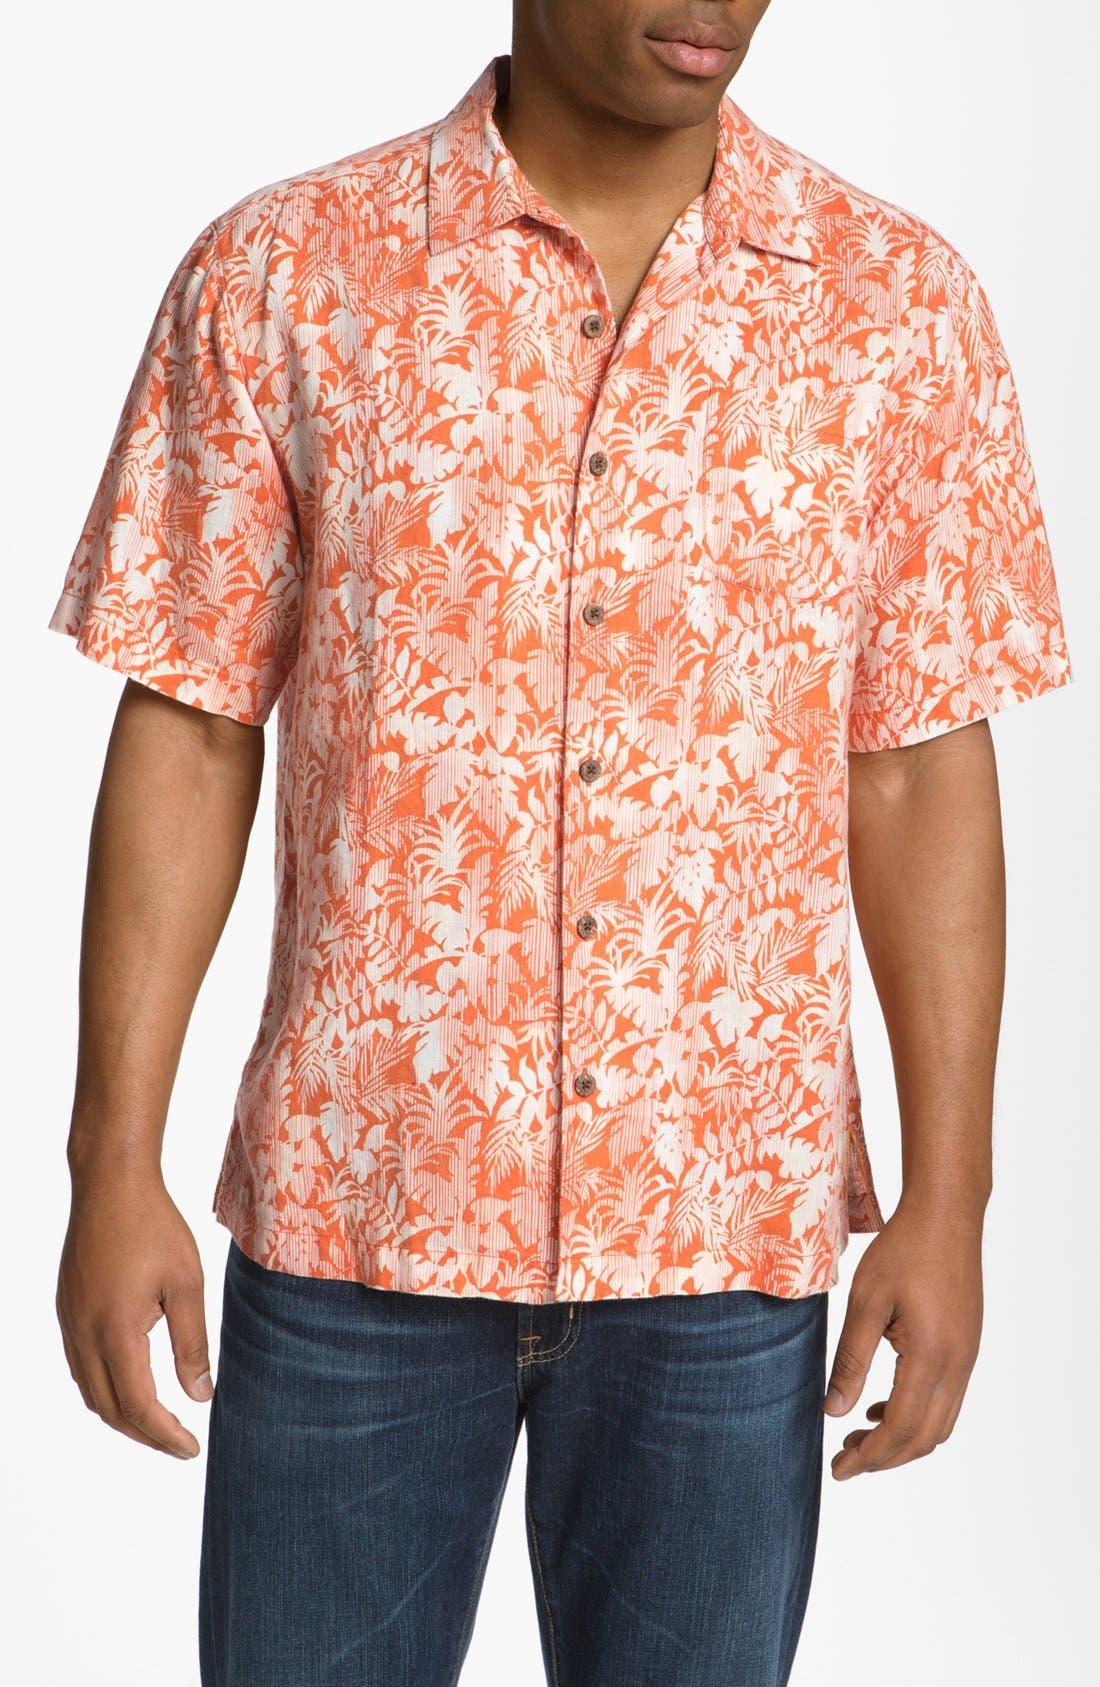 Alternate Image 1 Selected - Tommy Bahama 'Palma Sola' Campshirt